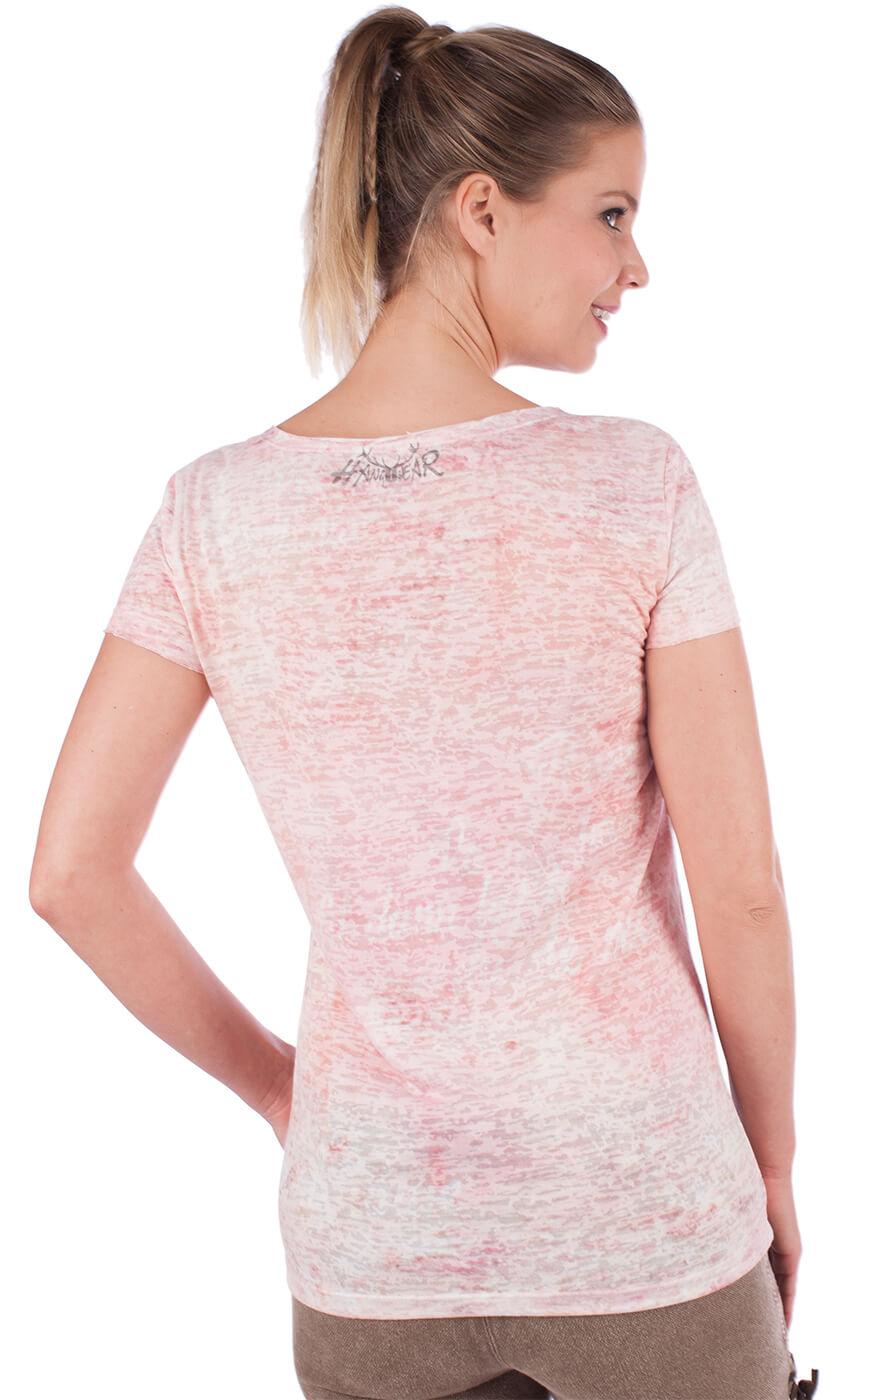 weitere Bilder von Trachten T-Shirt rose